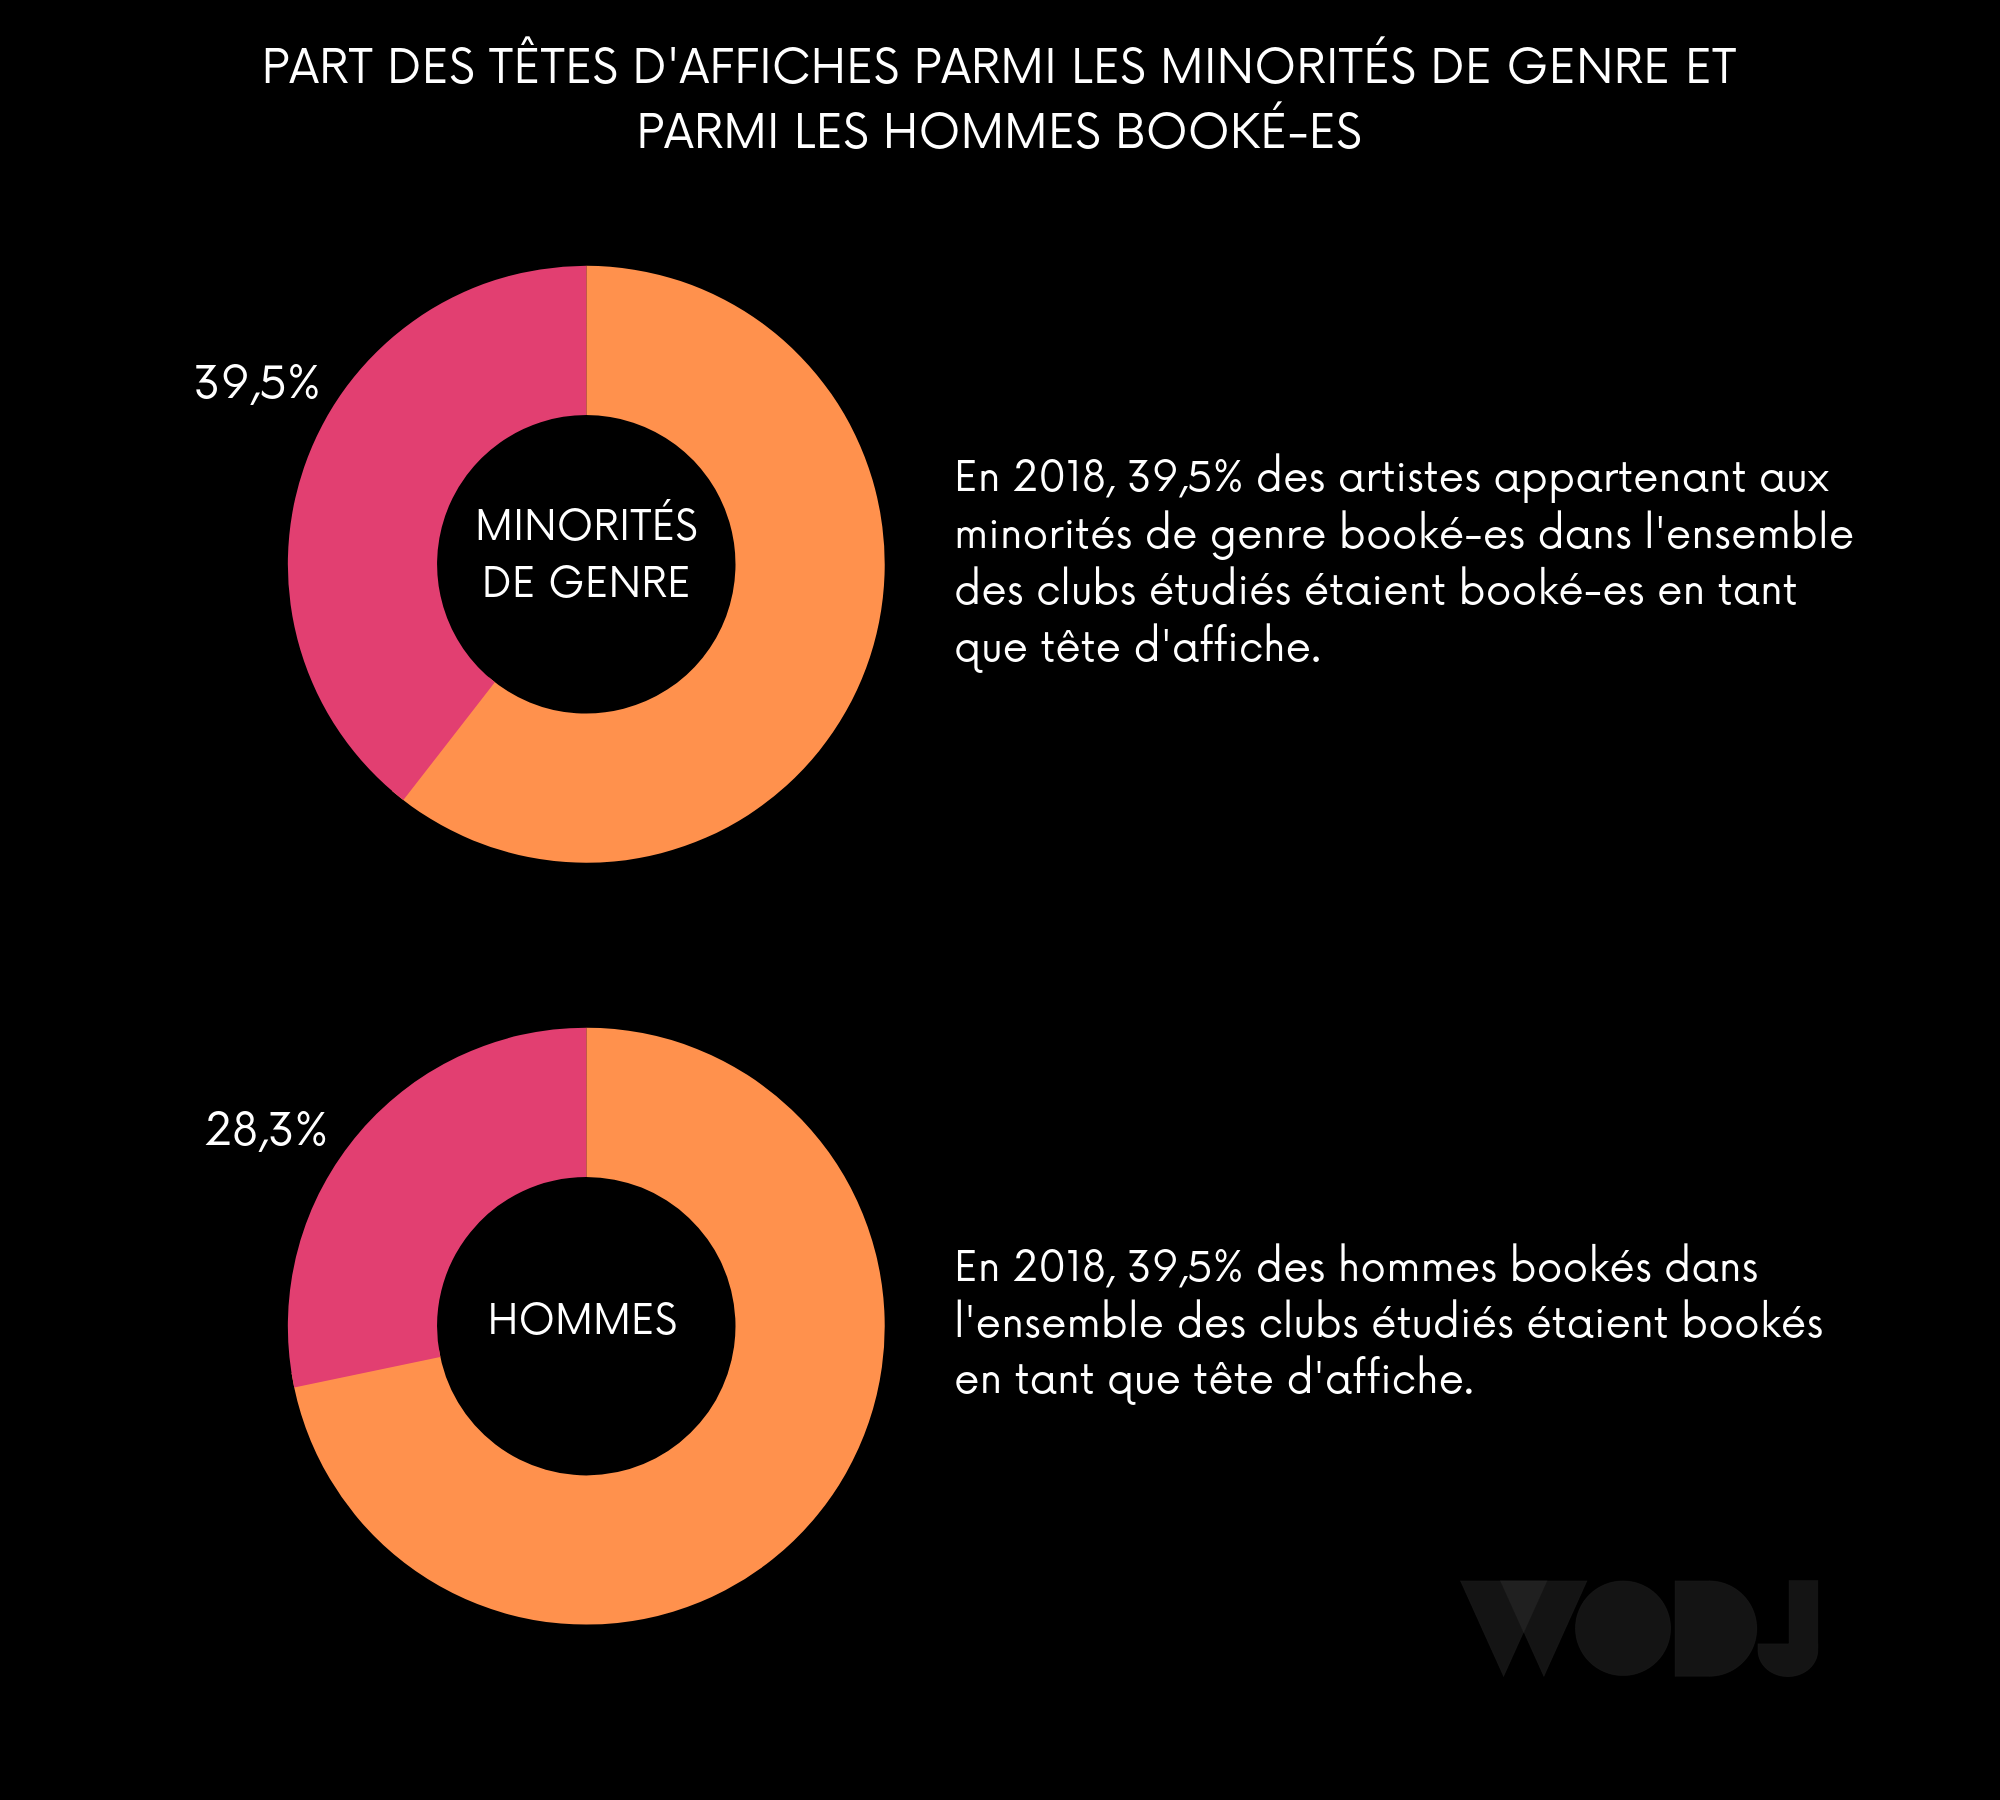 Comparaison des proportions de têtes d'affiche parmi les minorités de genre et les hommes